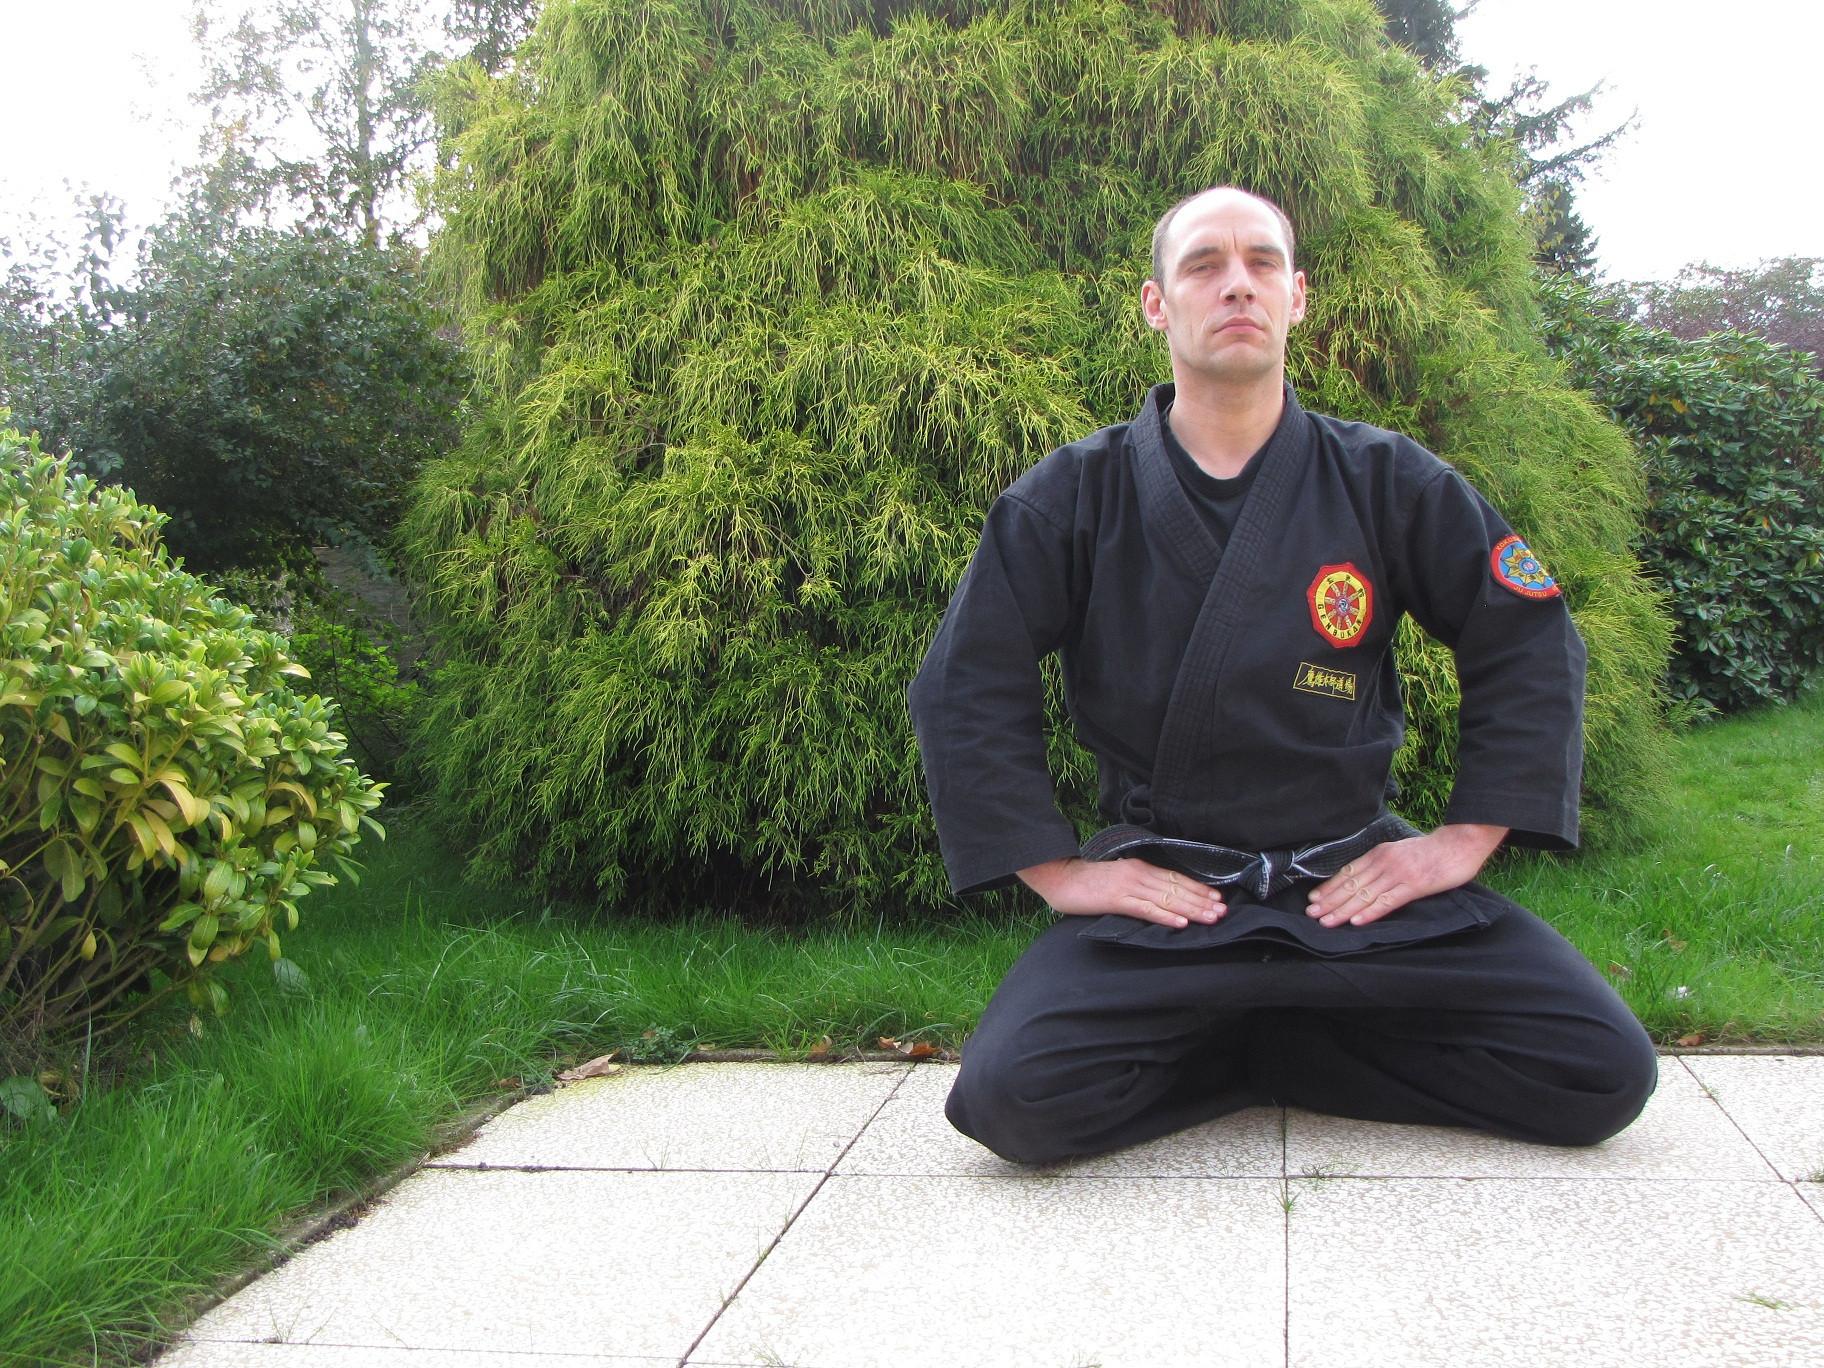 Japanische Kampfkunst in Bremen - Ninjutsu Training